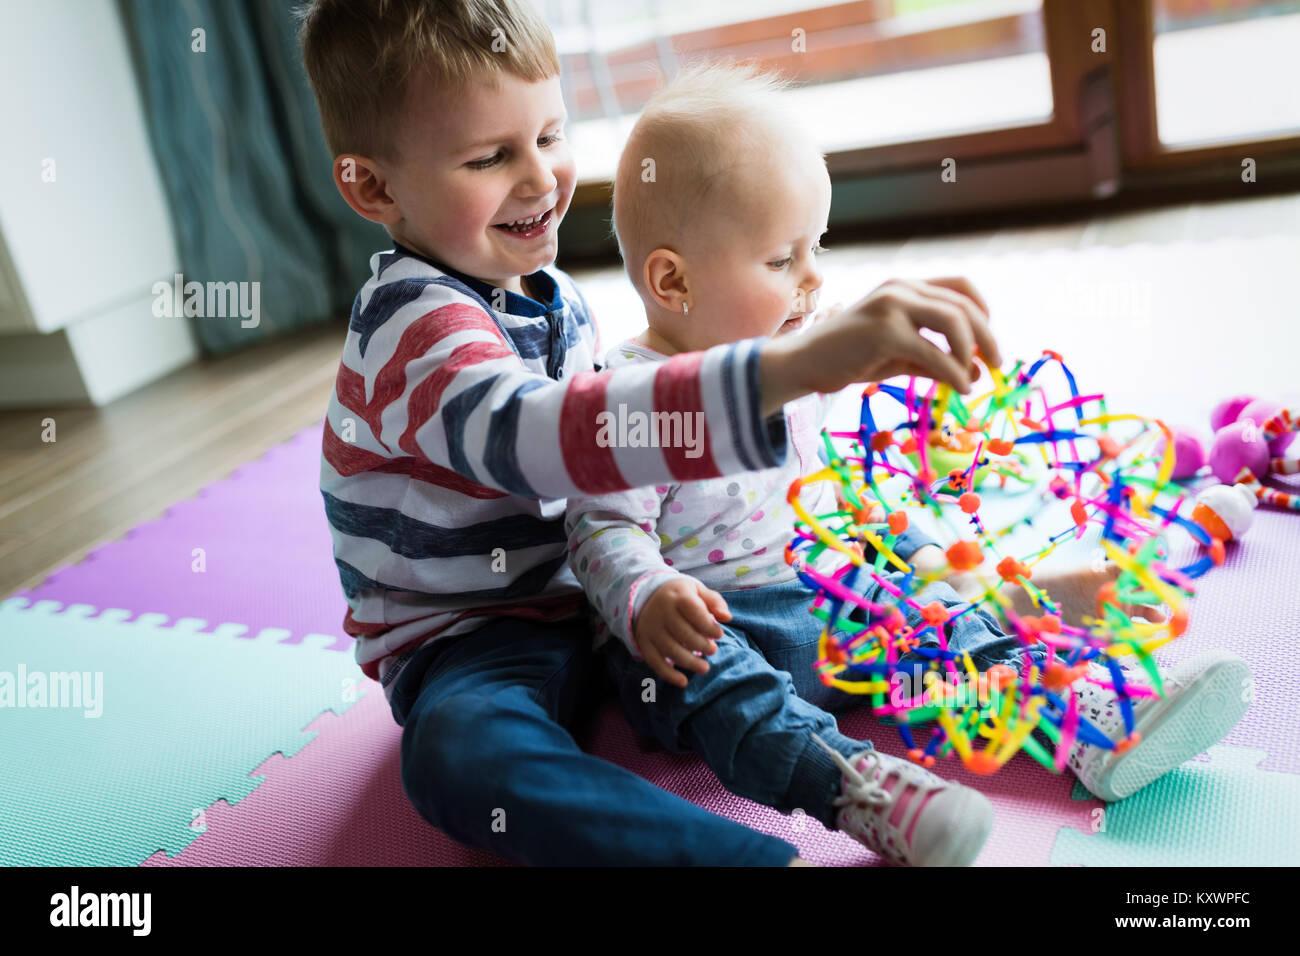 Carino piccolo i bambini a giocare mentre è seduto su un tappeto Immagini Stock